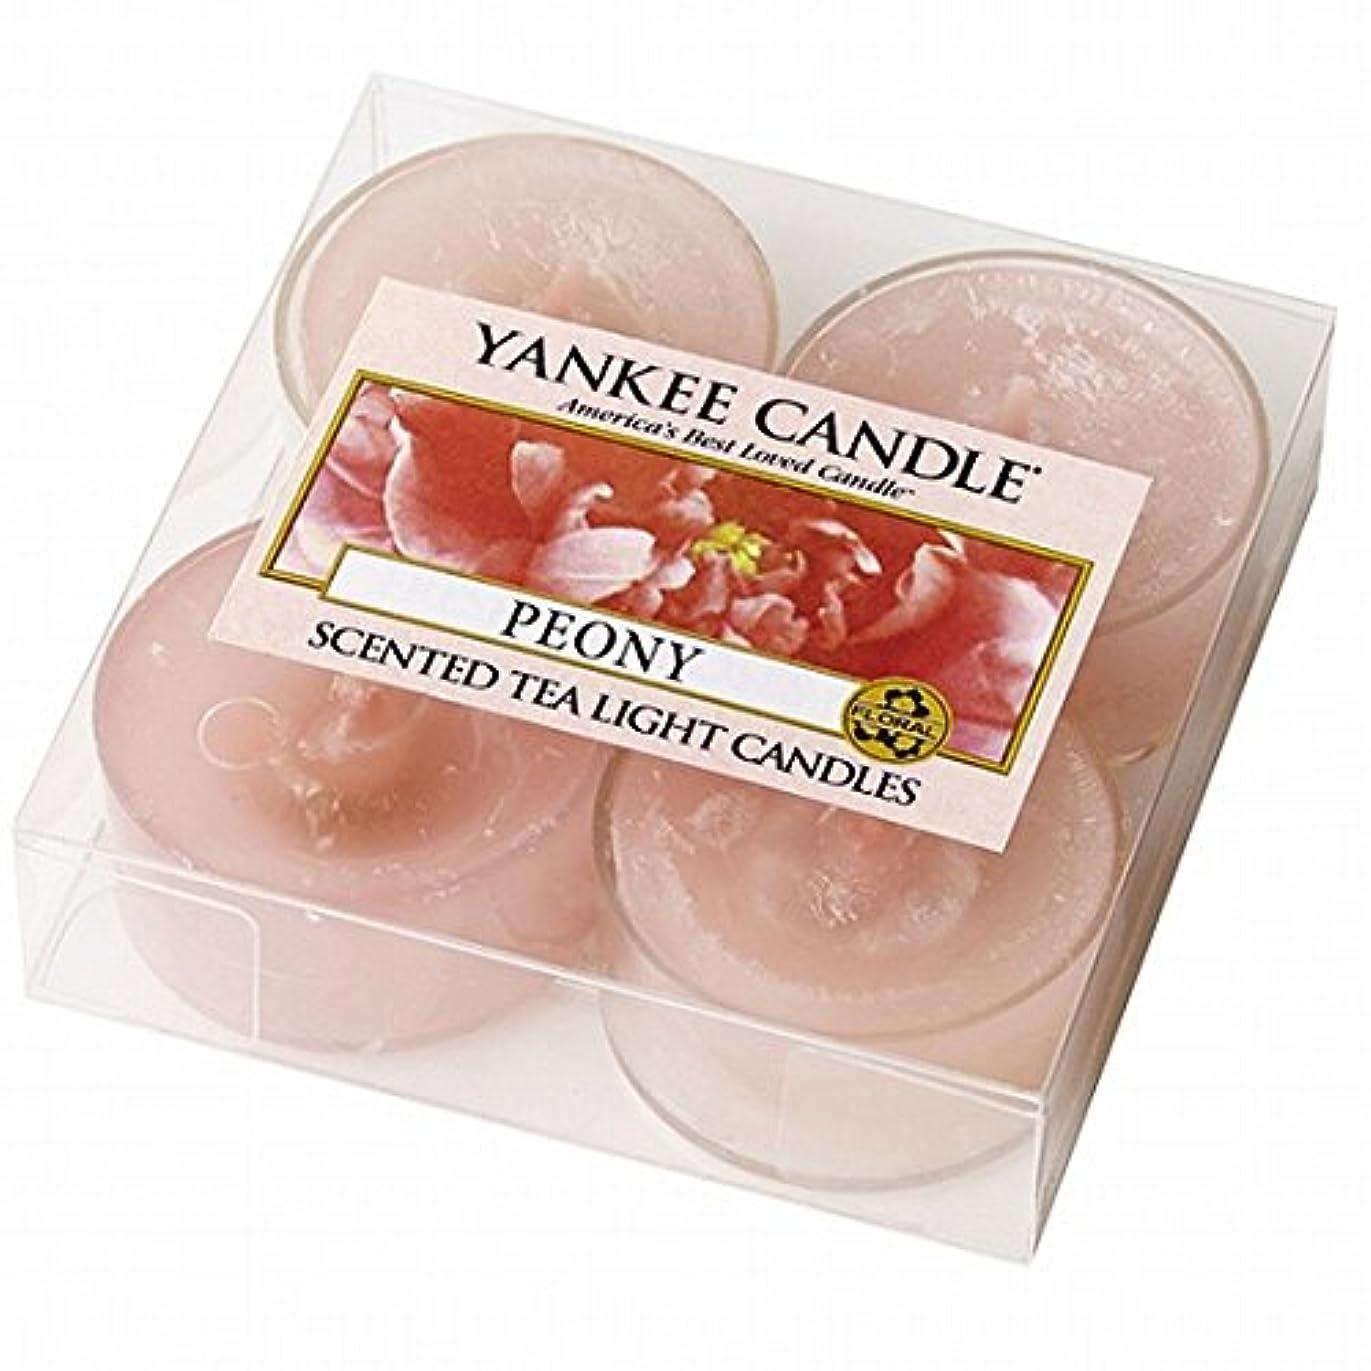 満たすについてマルクス主義者YANKEE CANDLE(ヤンキーキャンドル) YANKEE CANDLE クリアカップティーライト4個入り 「ピオニー」(K00205275)